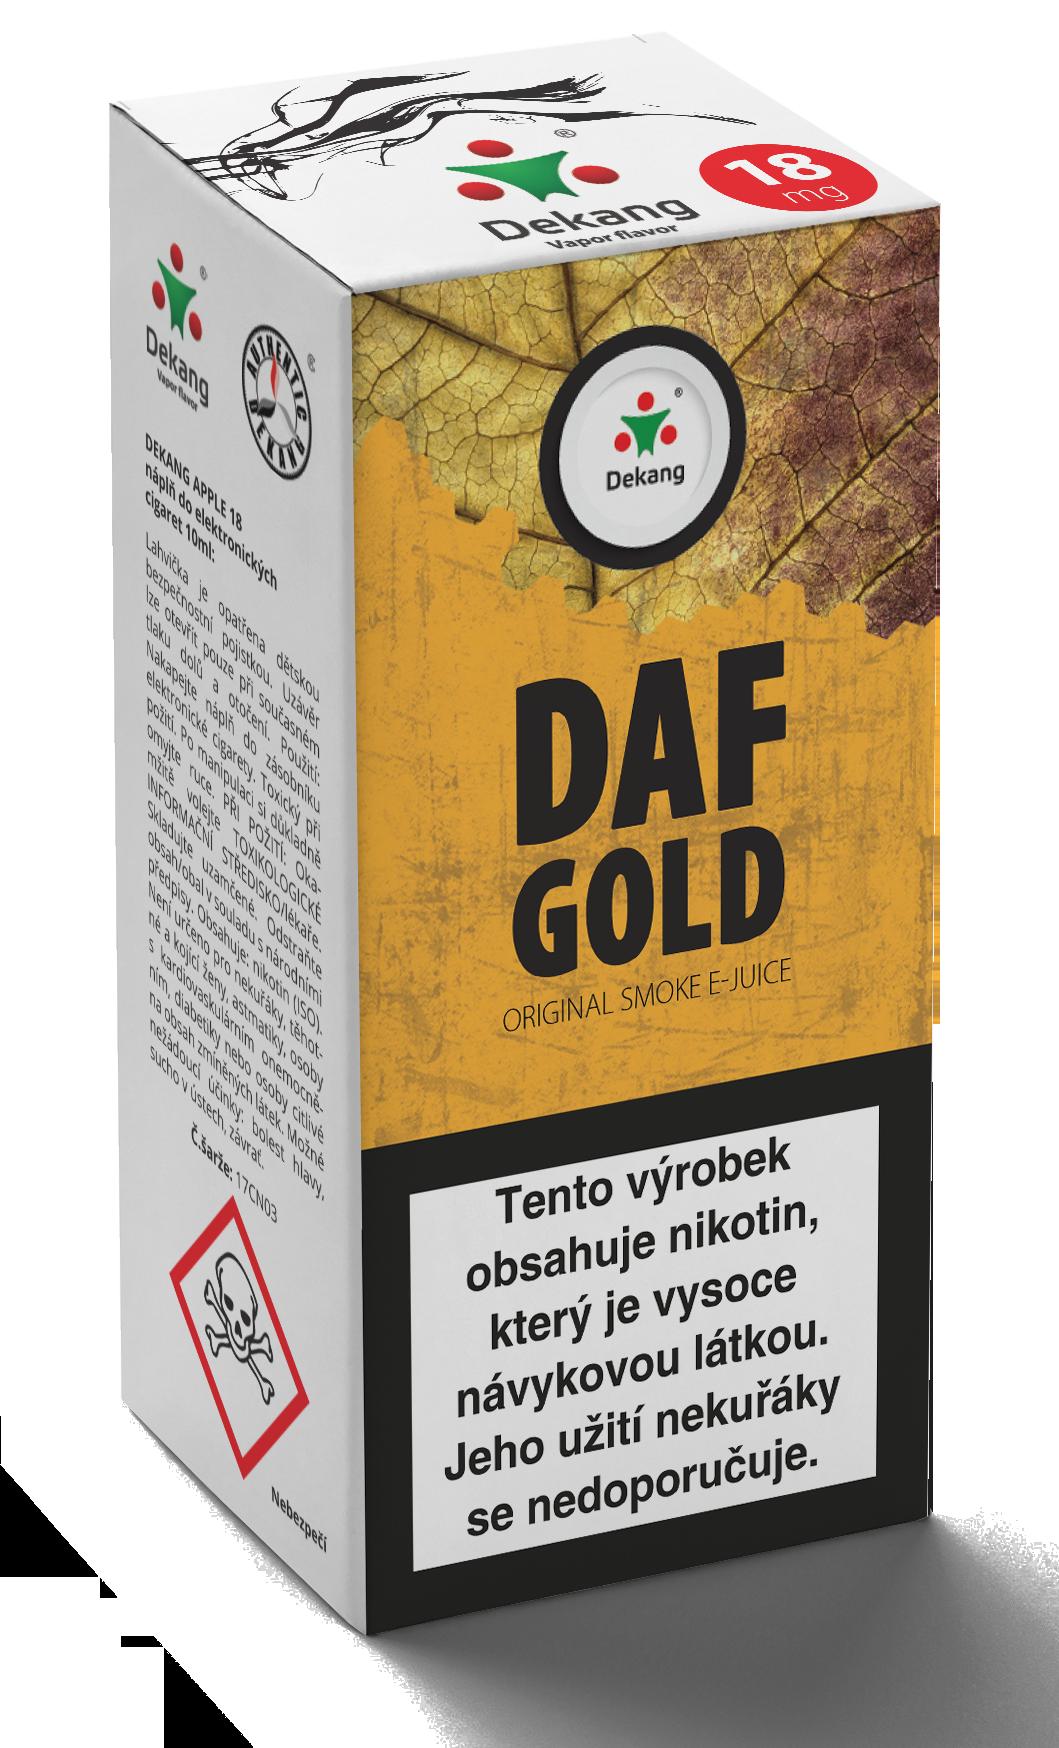 E-liquid Dekang 10ml Daf Gold Množství nikotinu: 6mg